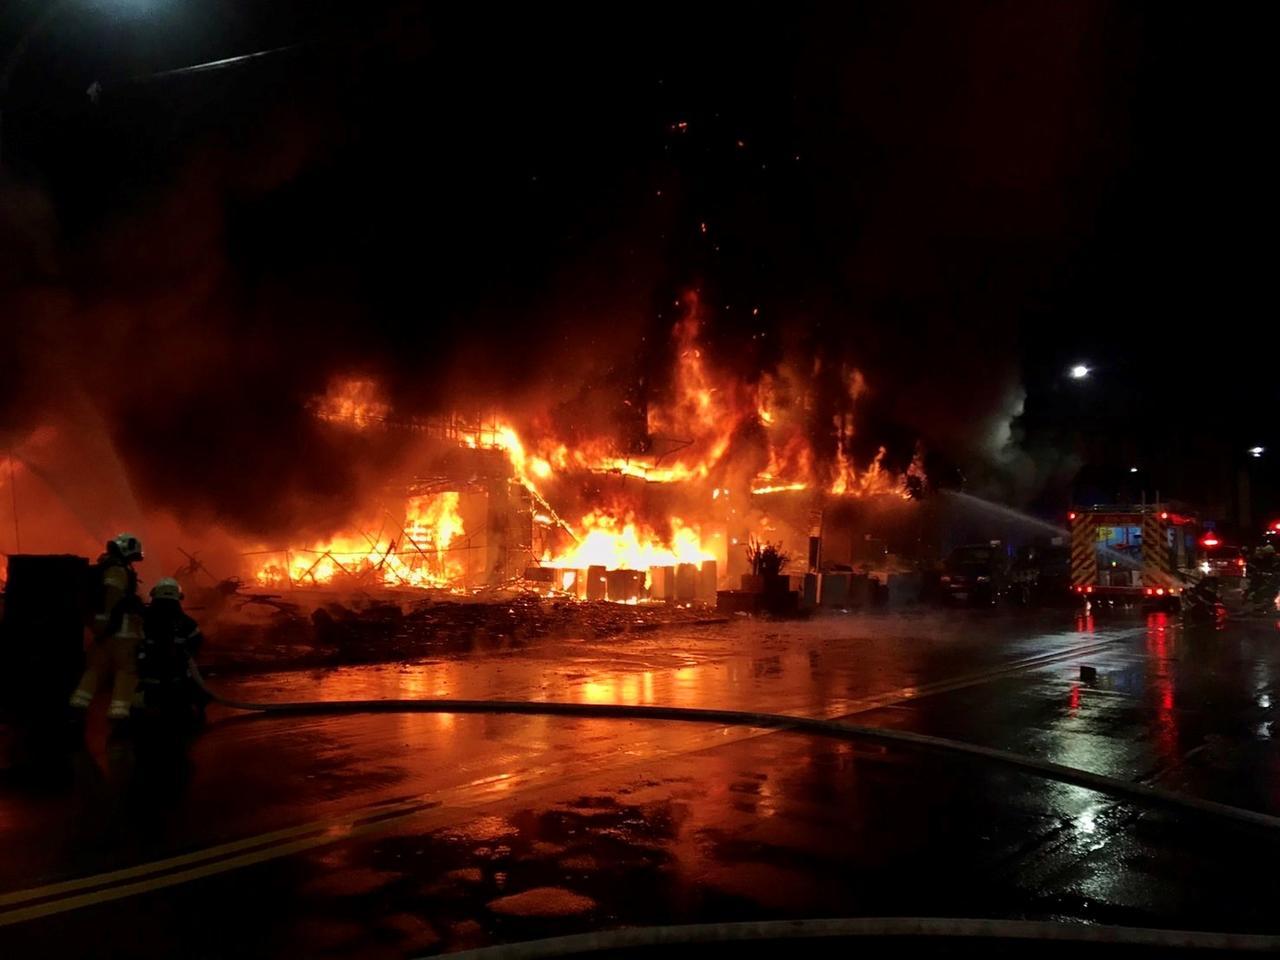 Incendio en Taiwán dejó 46 muertos y 41 heridos